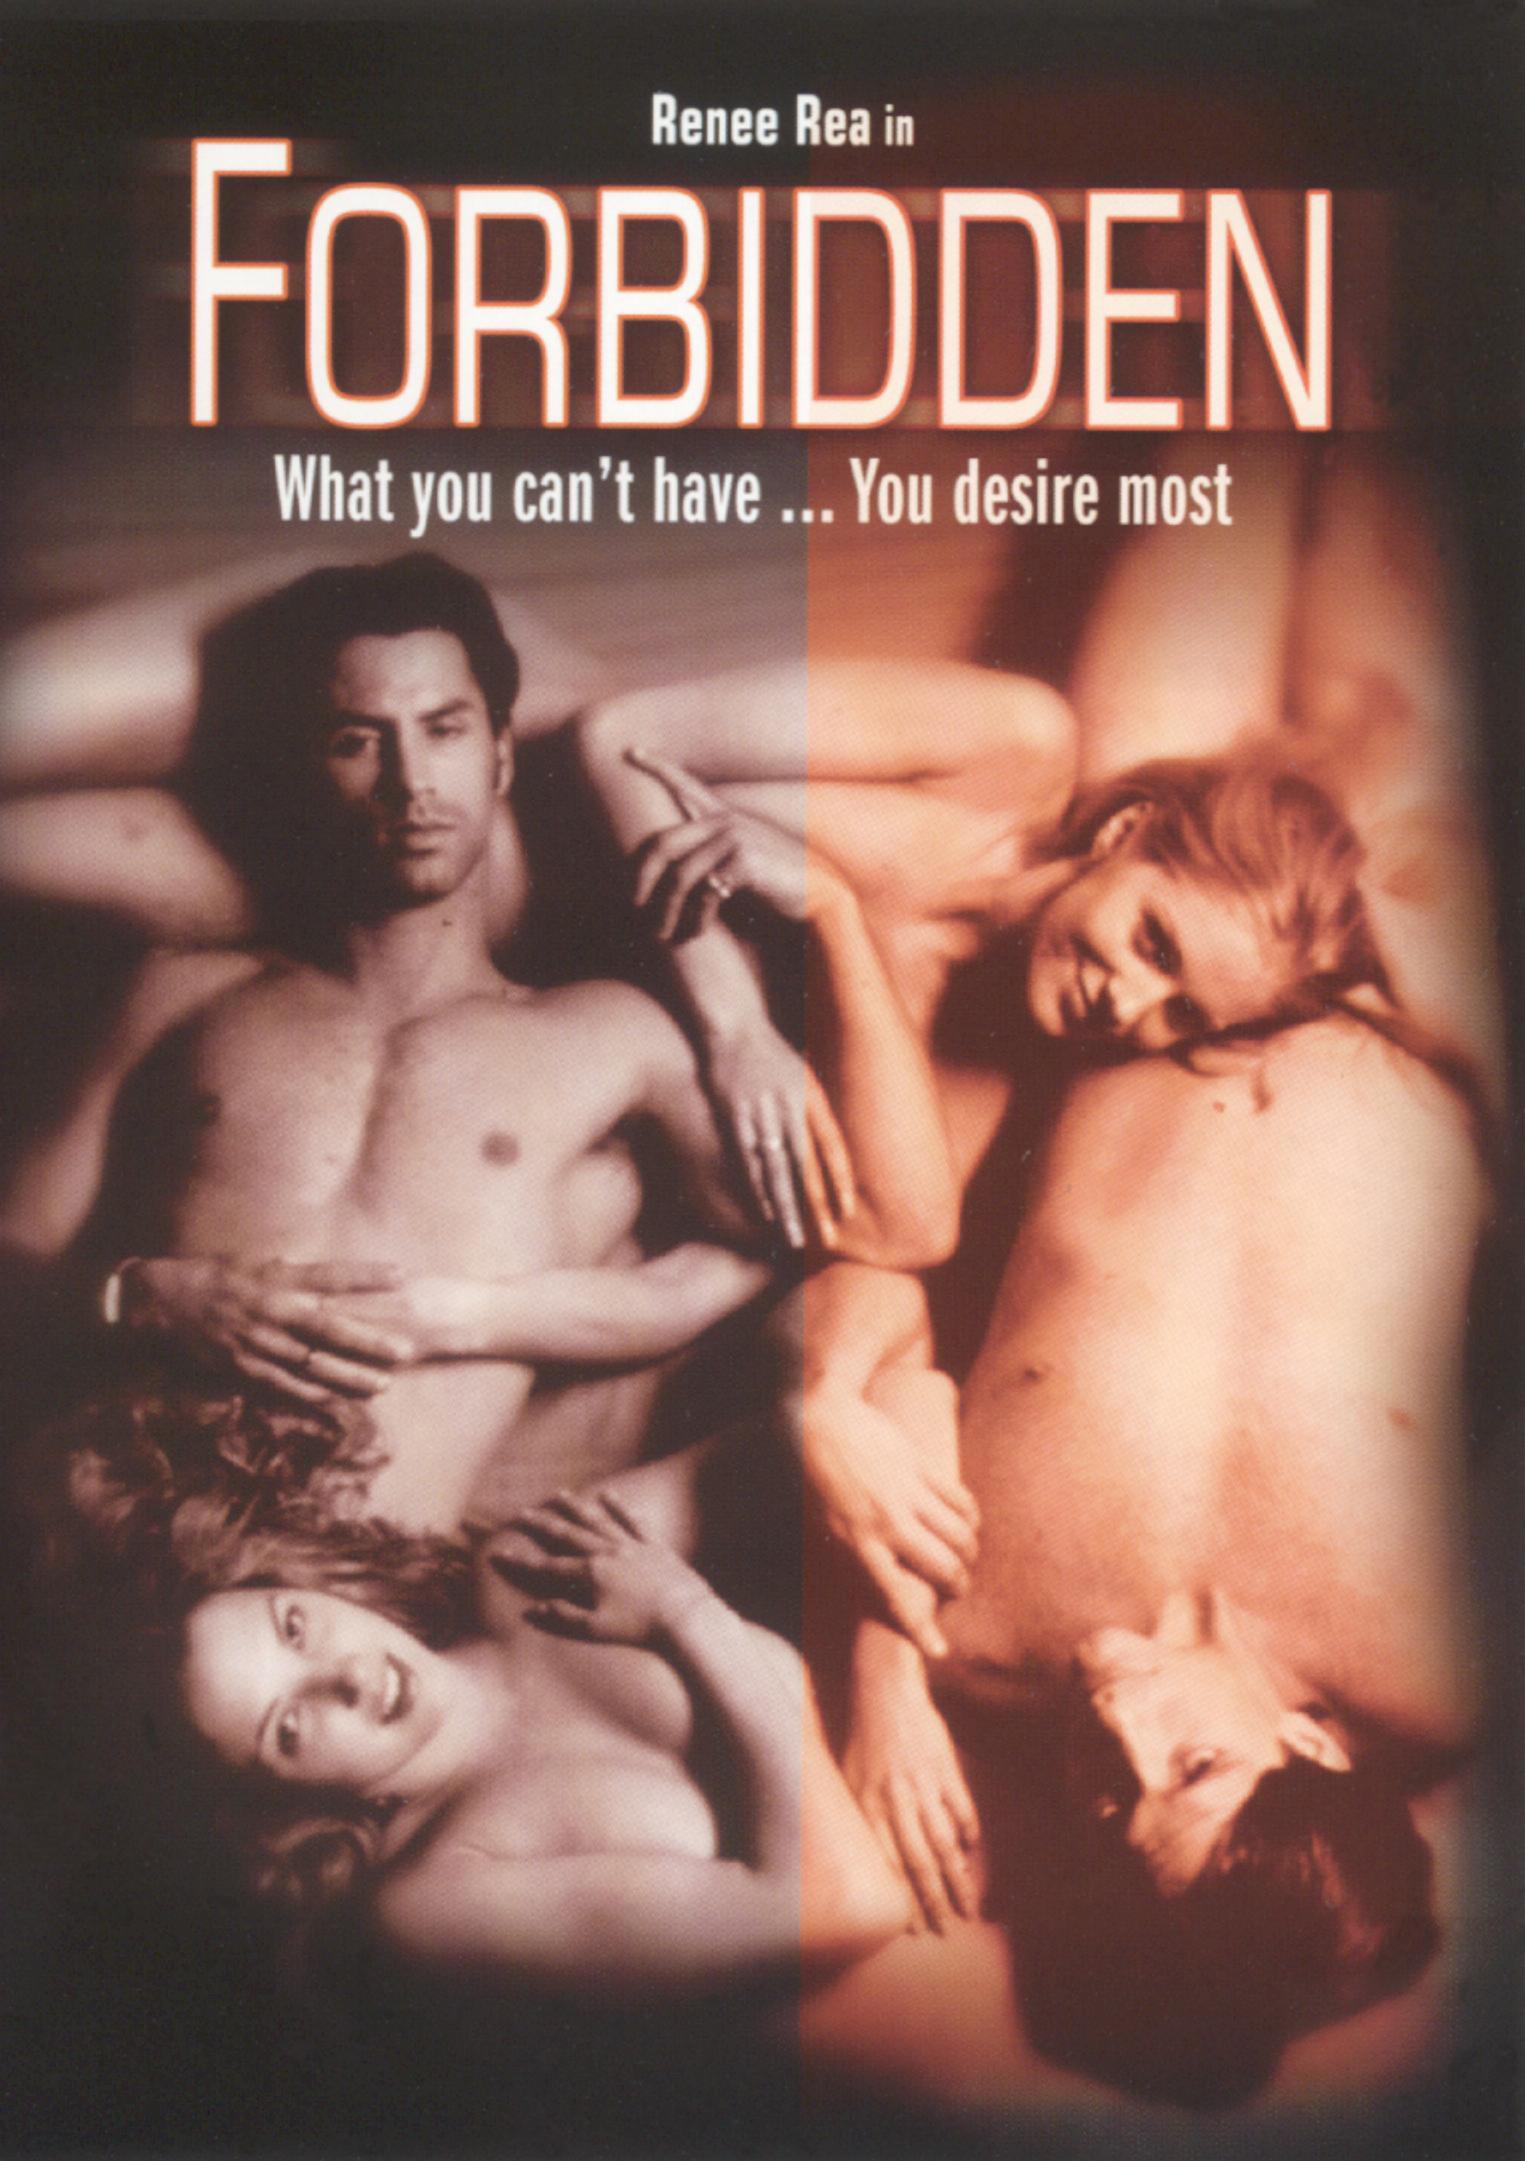 Xxx Forbidden Movies 4